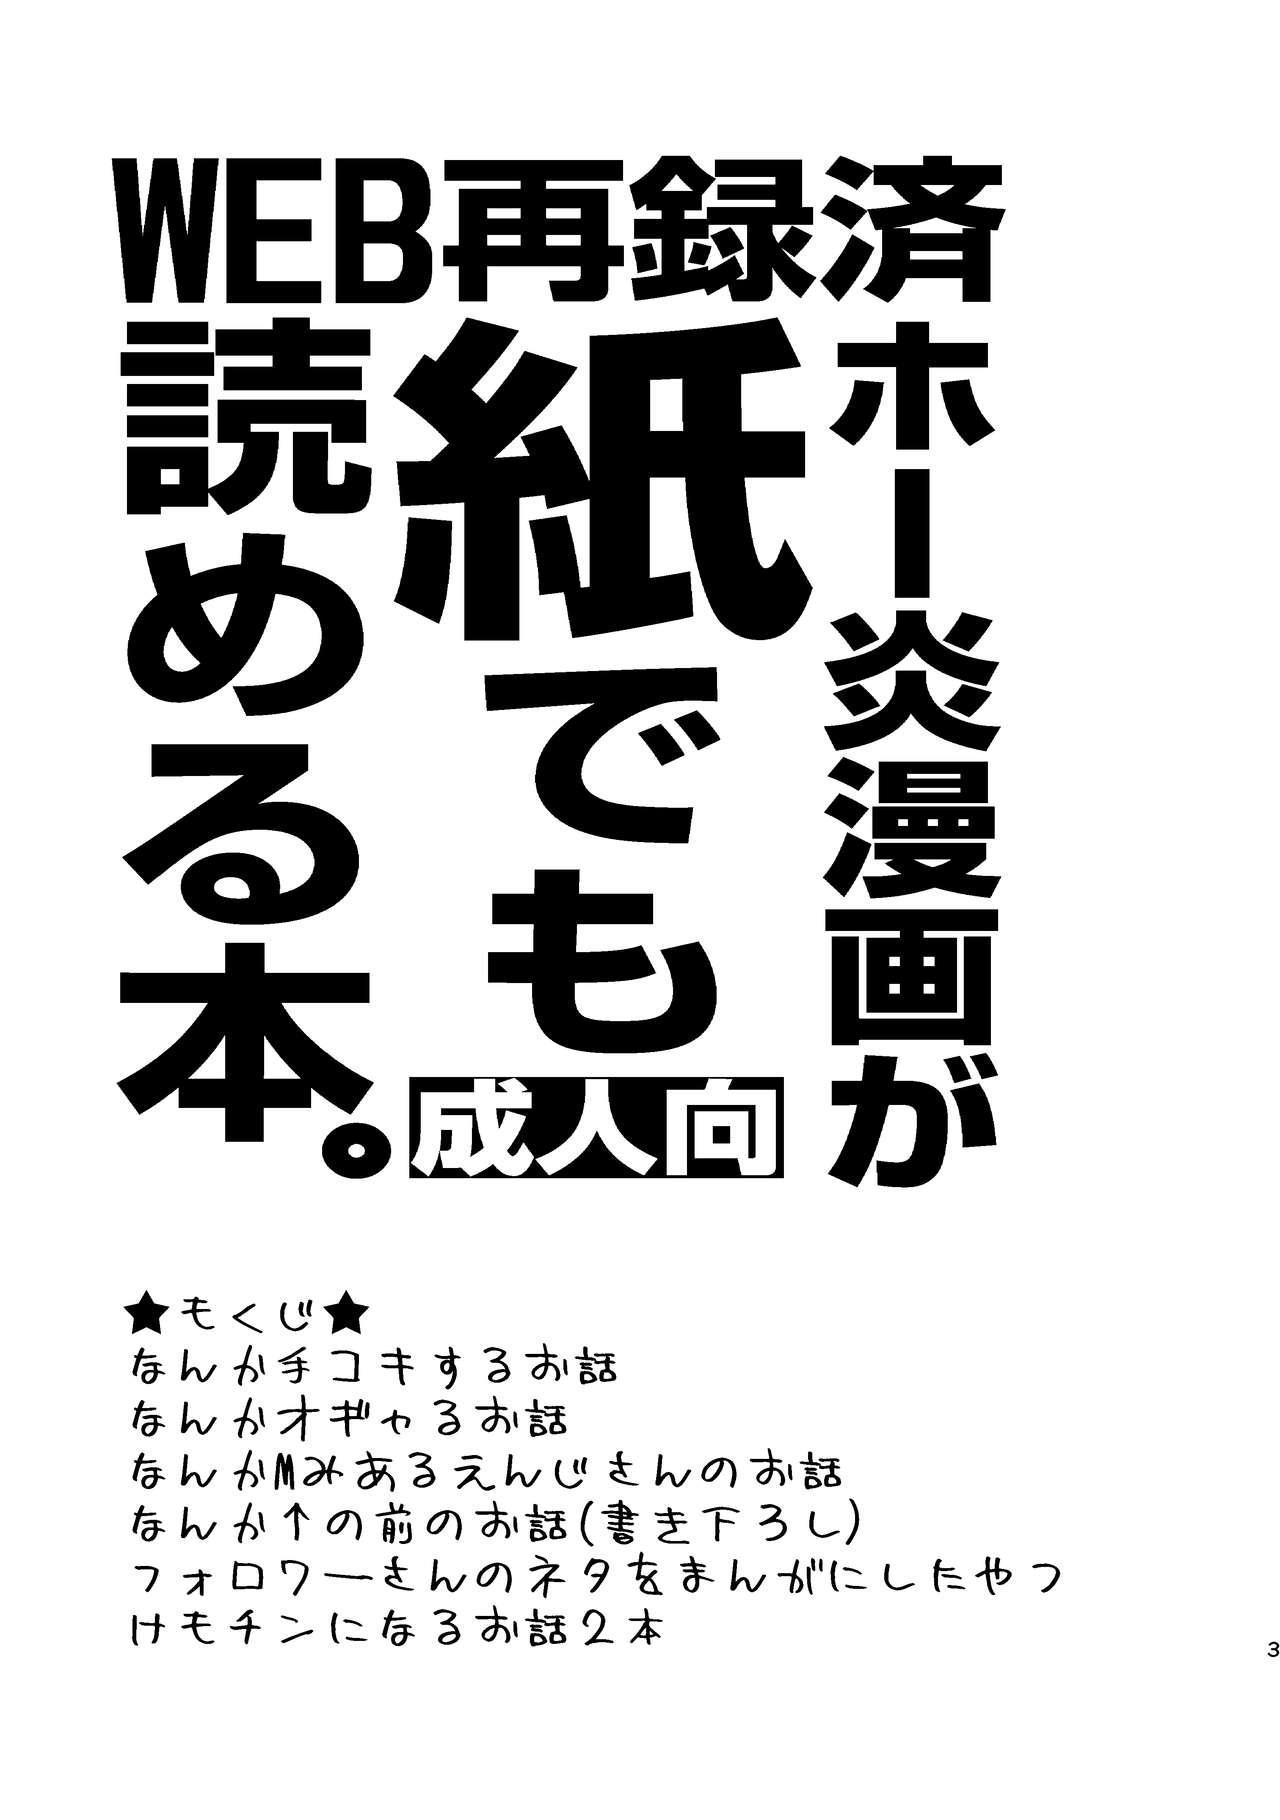 WEB Sairoku Zumi HawEn Manga ga Kami demo Yomeru Hon. 2